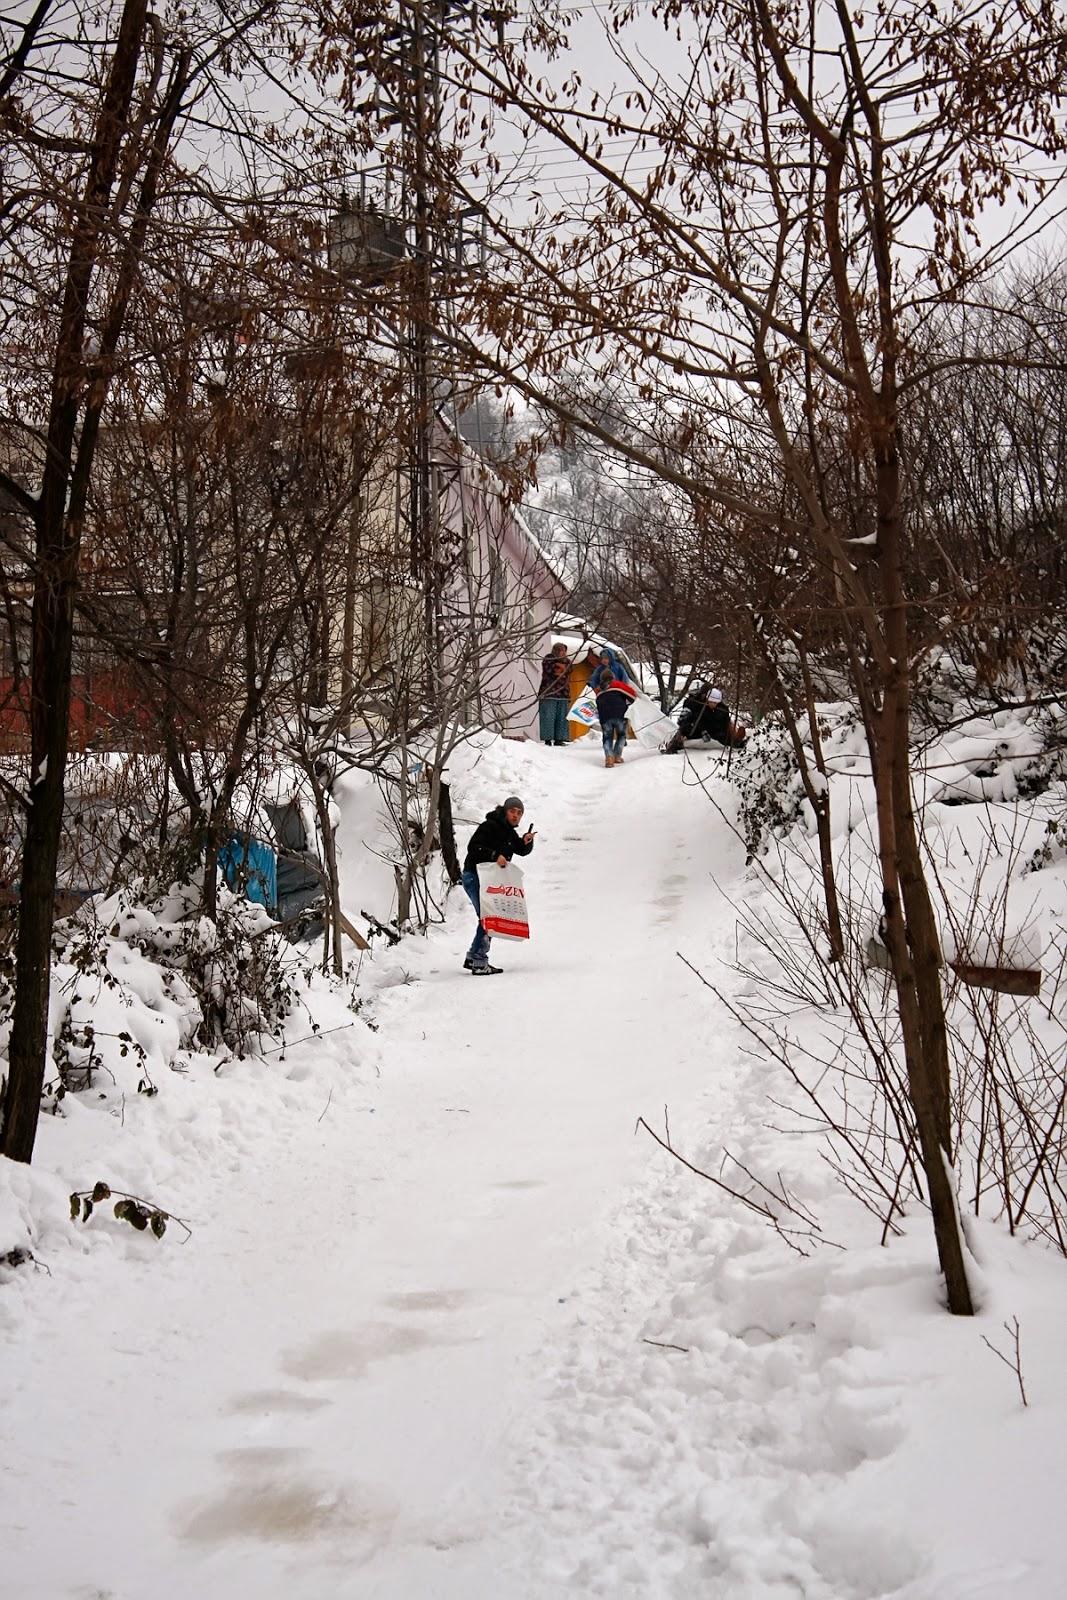 Sugören'de Kış - Karda Kayan Çocuklar-2